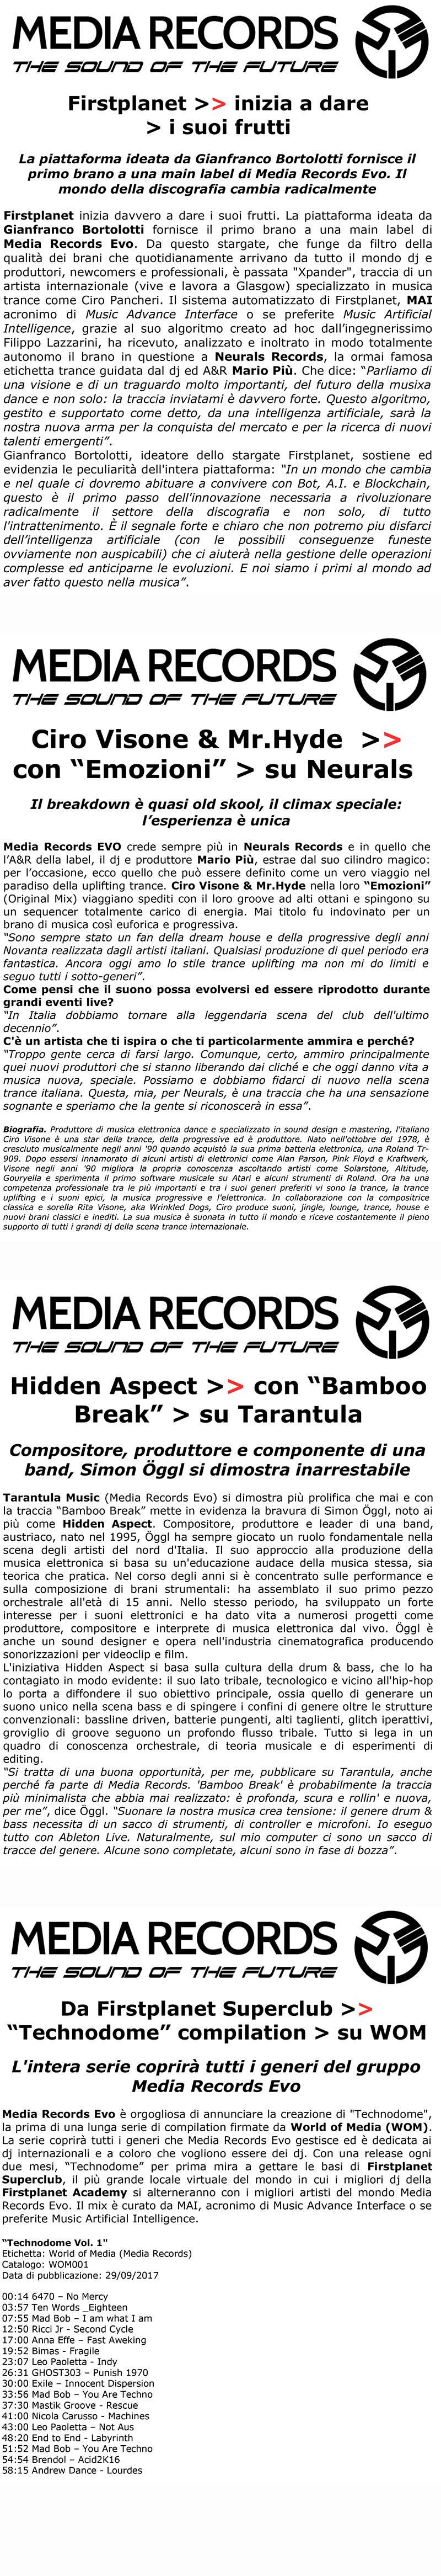 winter-news-october-media-records